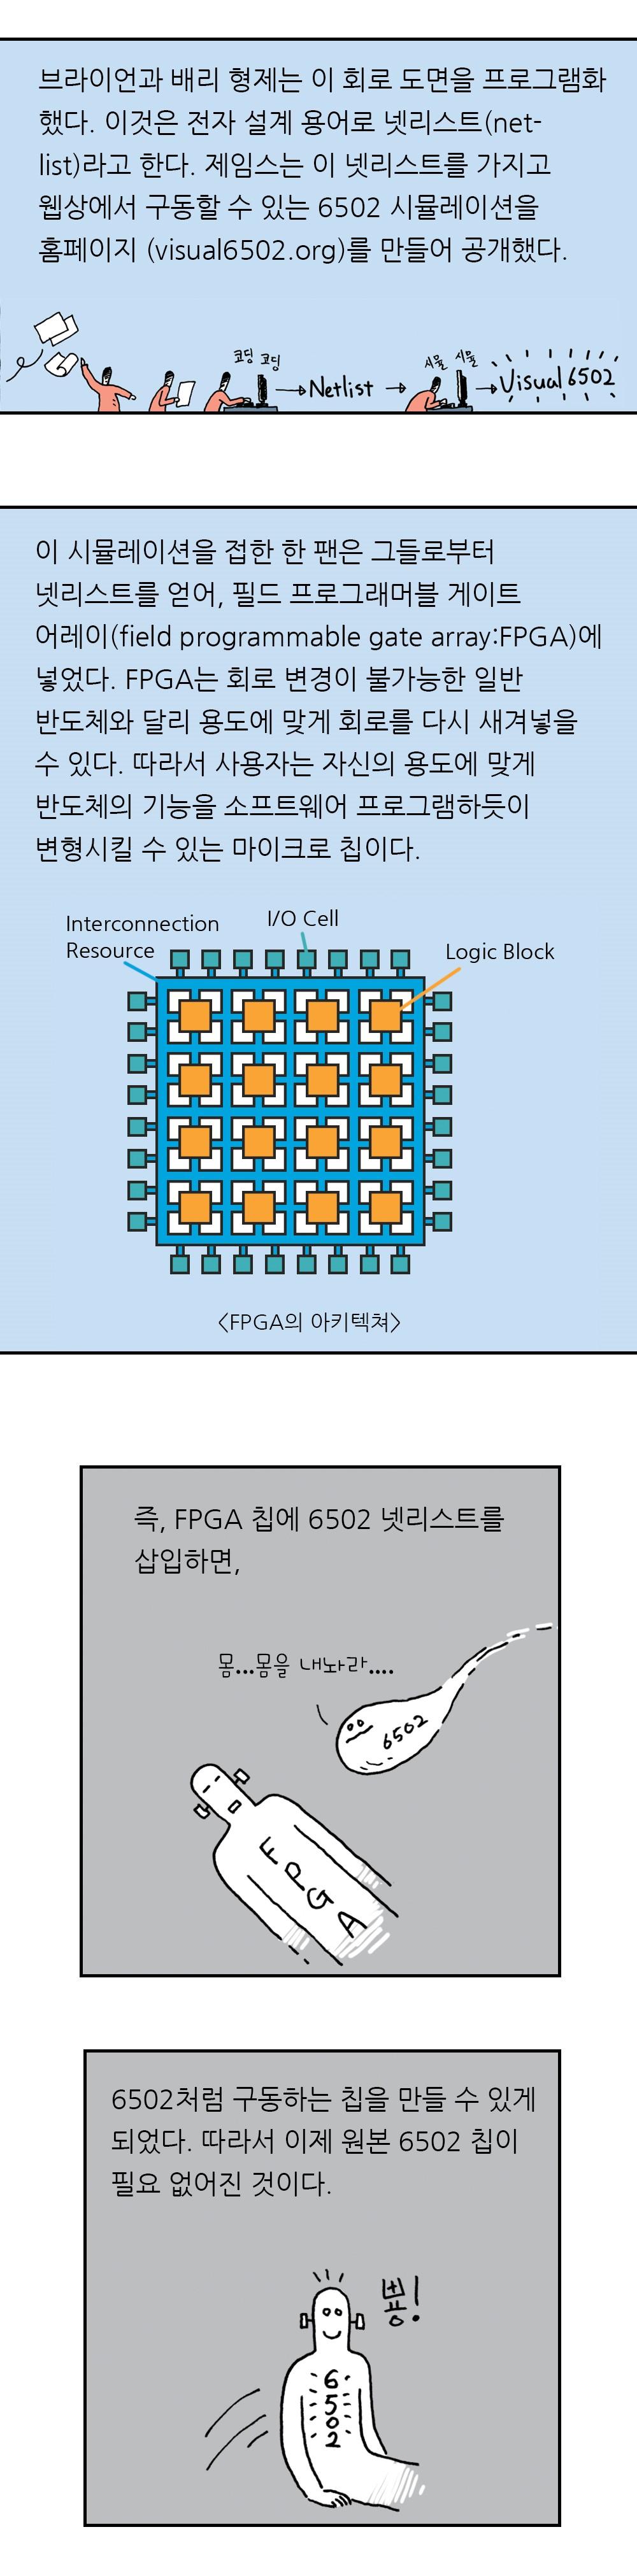 사이언티픽 게이머즈 시즌2 #10 구식 마이크로 칩을 발굴하다 5